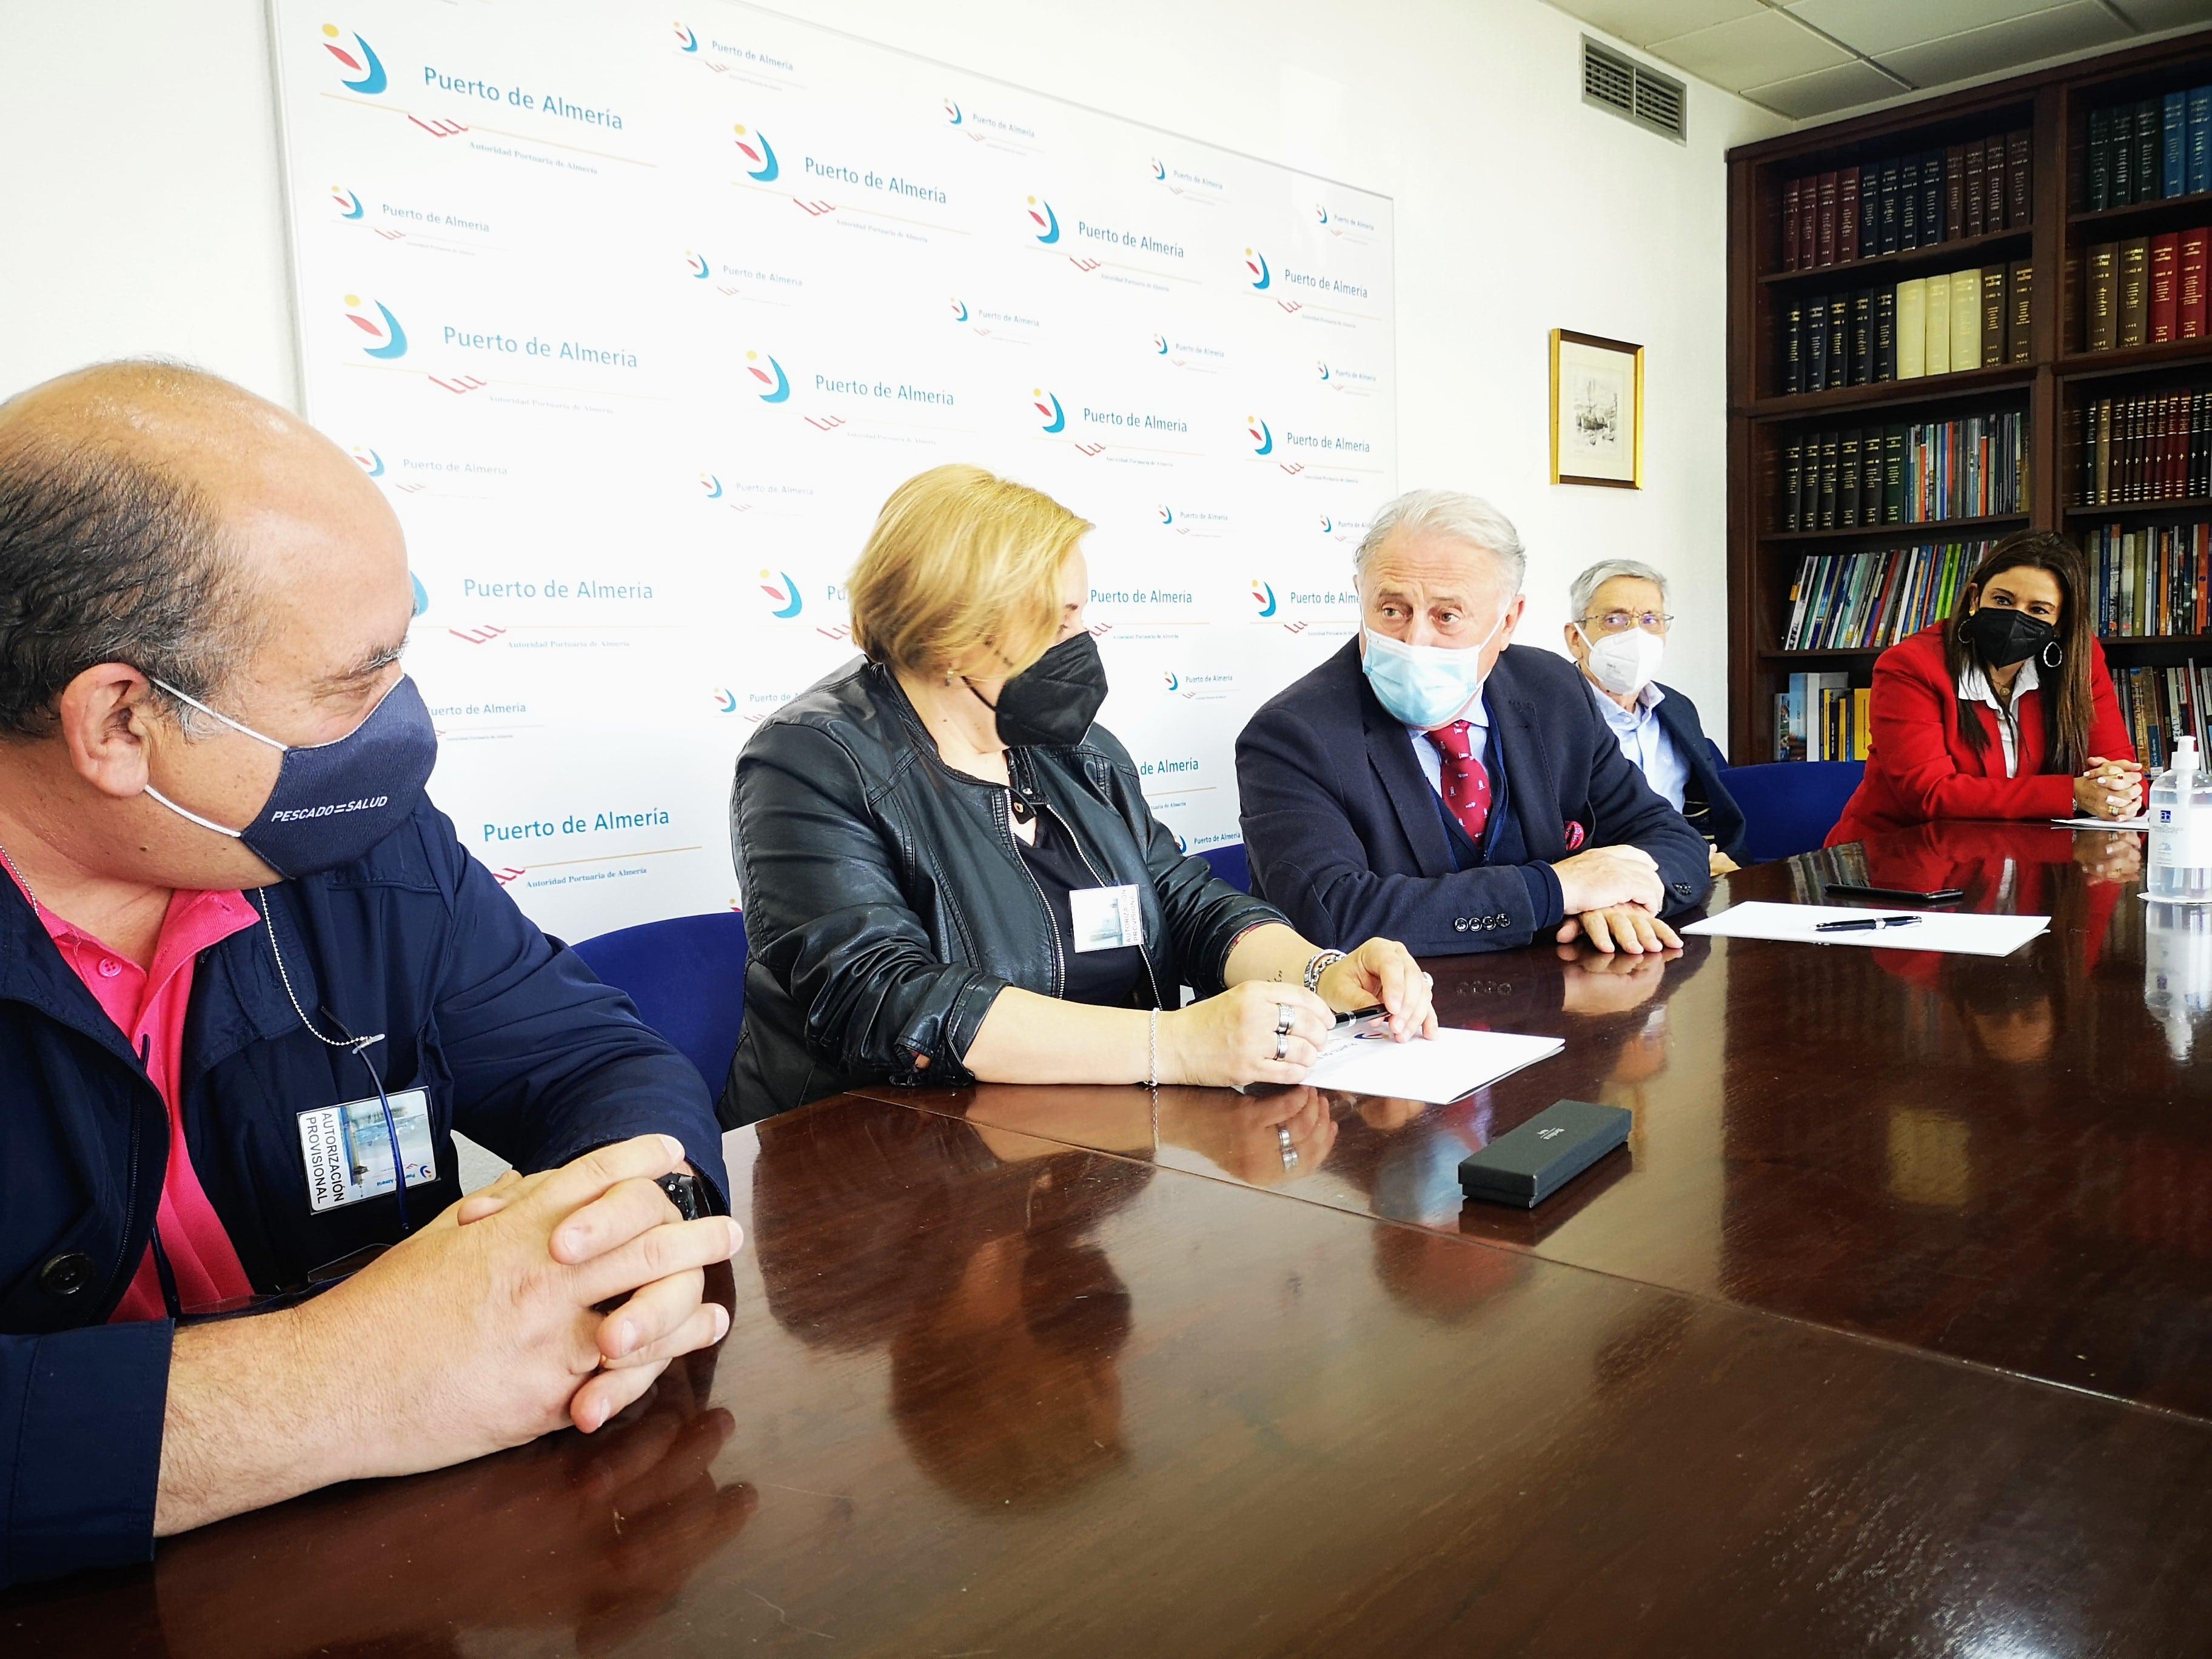 El Puerto de Almería y Asopesca firman un convenio para la gestión de residuos generados por barcos de pesca